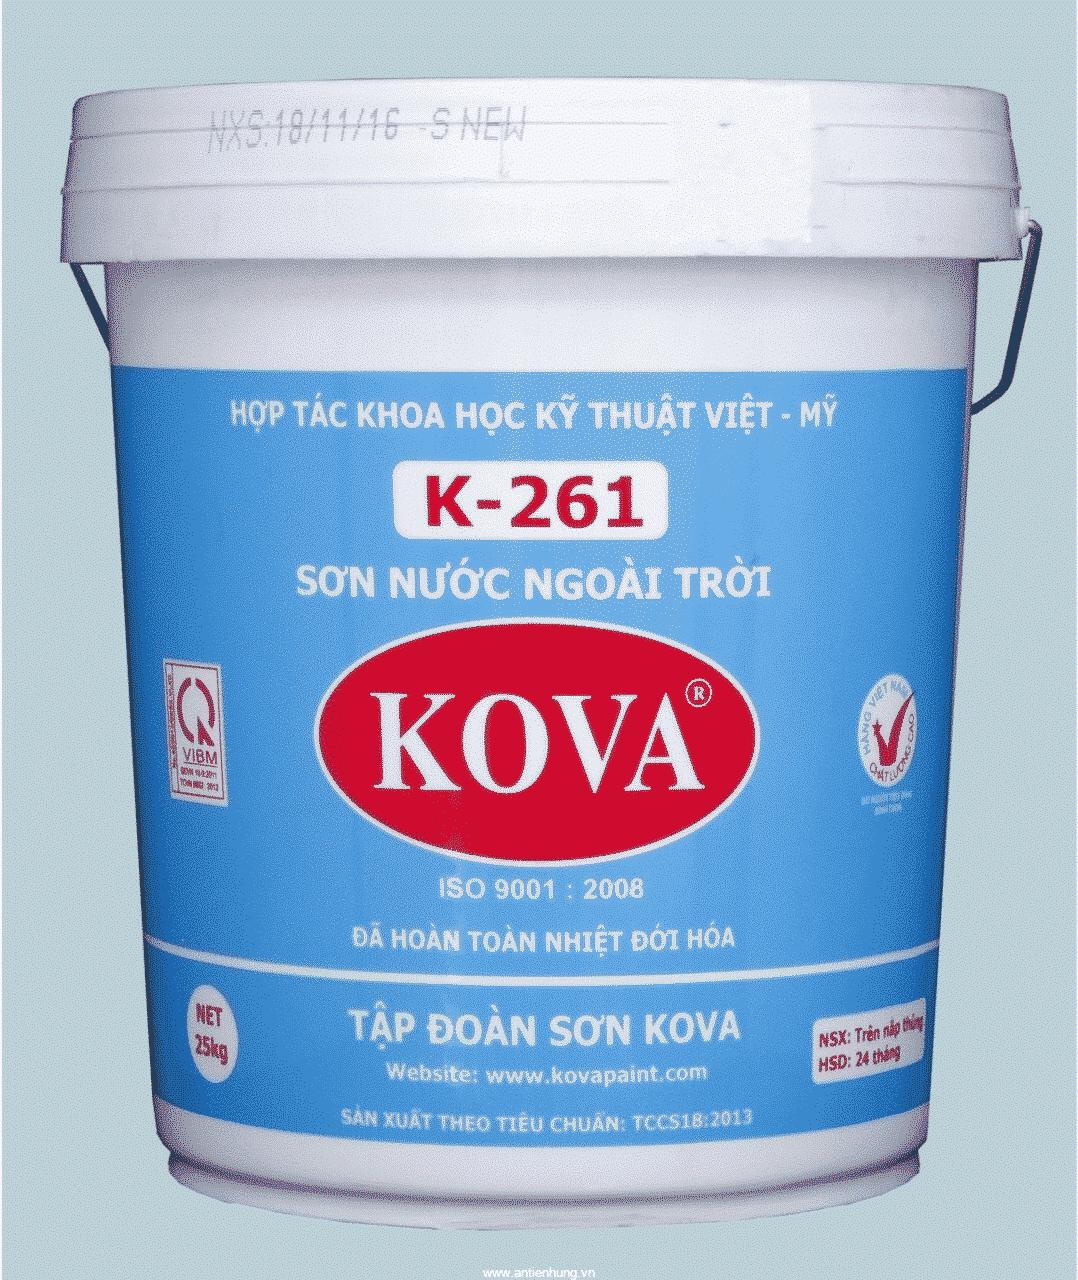 Sơn ngoại thất Kova K-261 phù hợp với khí hậu nhiệt đới